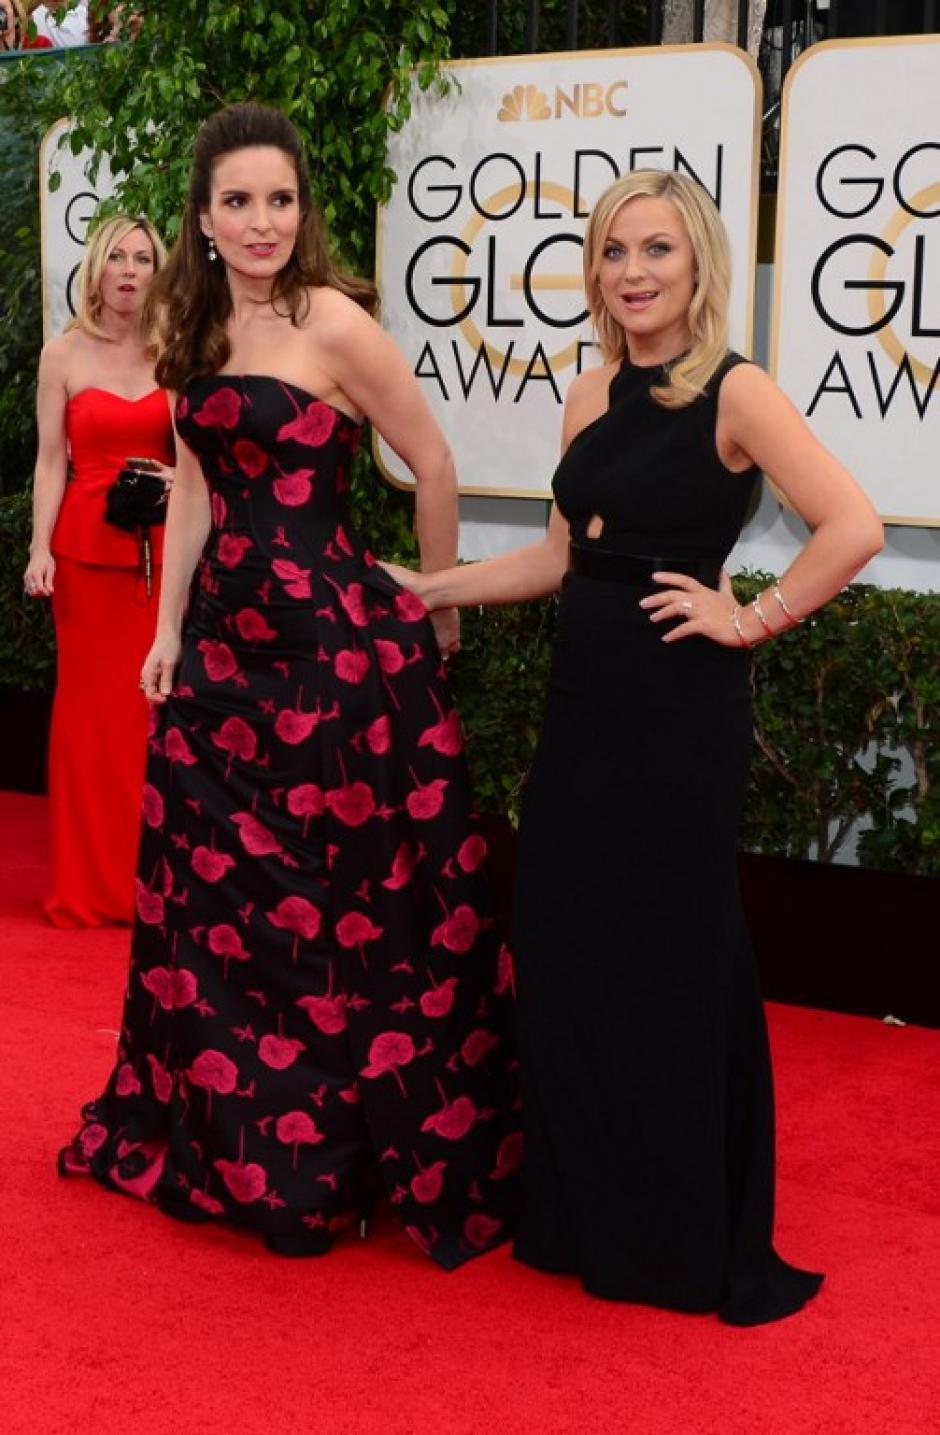 Las presentadorasTina Fey y Amy Poehler. (Foto: AFP)